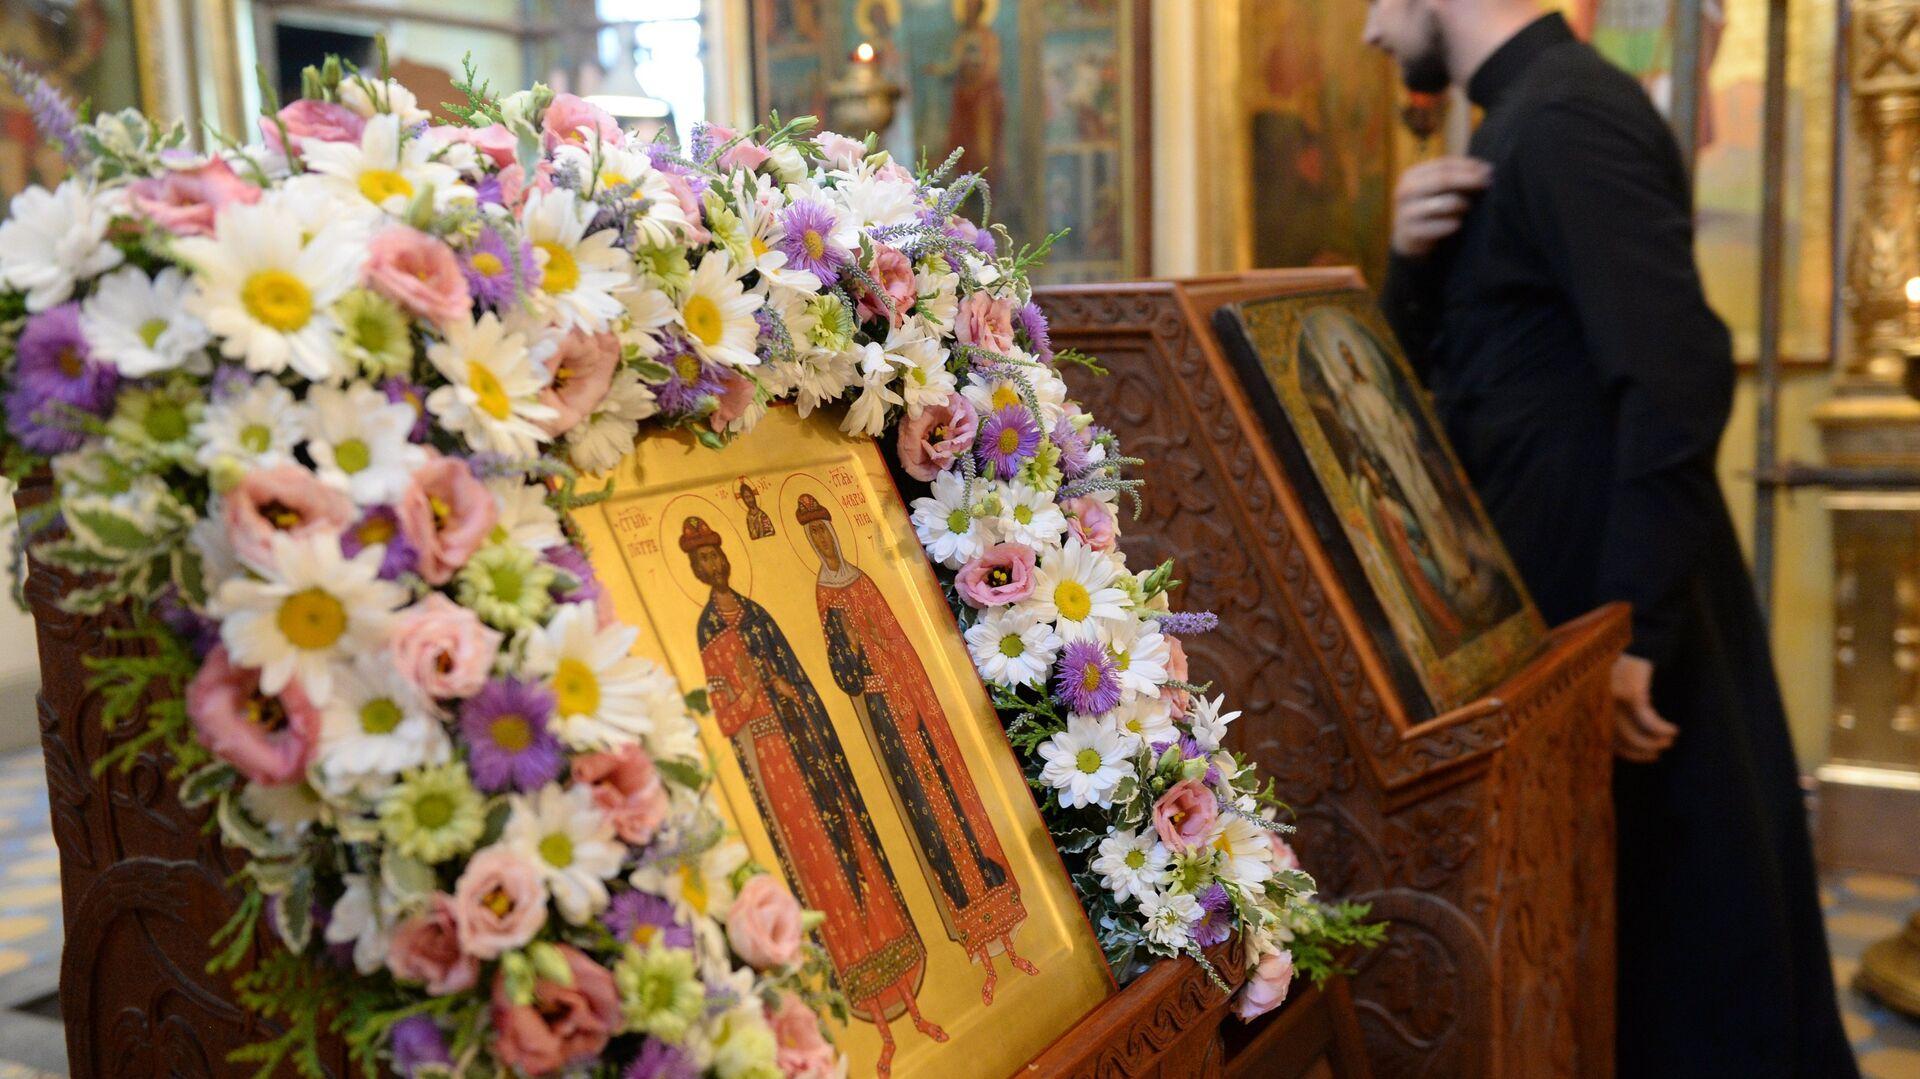 Православные иконы в церкви - Sputnik Грузия, 1920, 26.09.2021